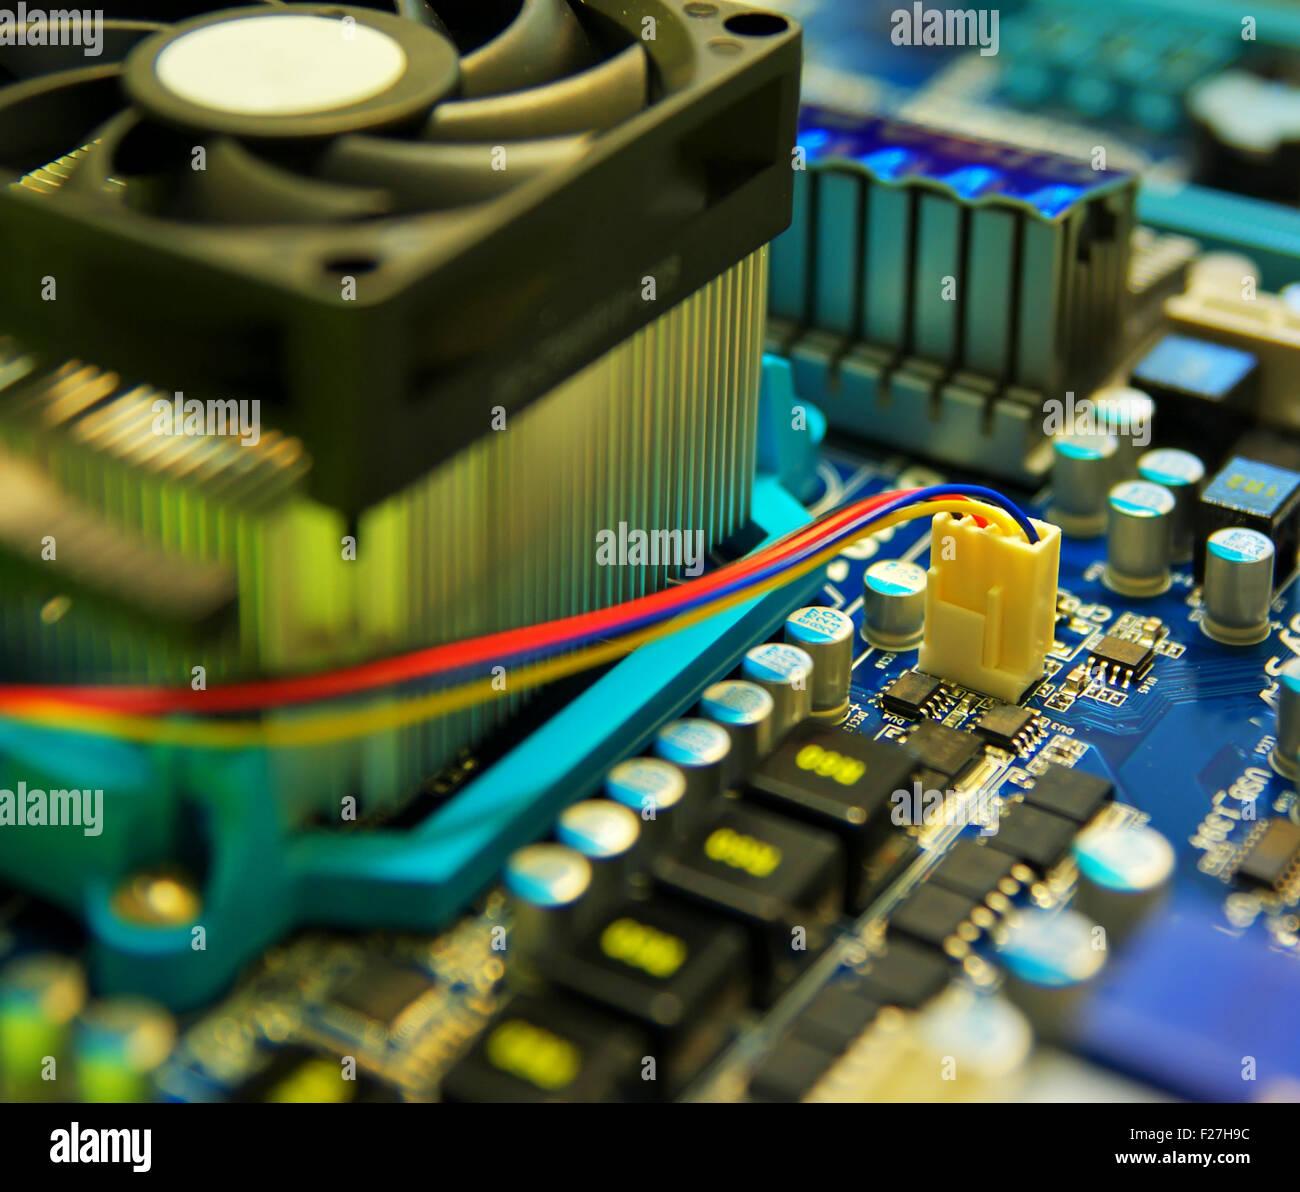 Ordinateur électronique périphérique. Faible profondeur de champ. Photo Stock